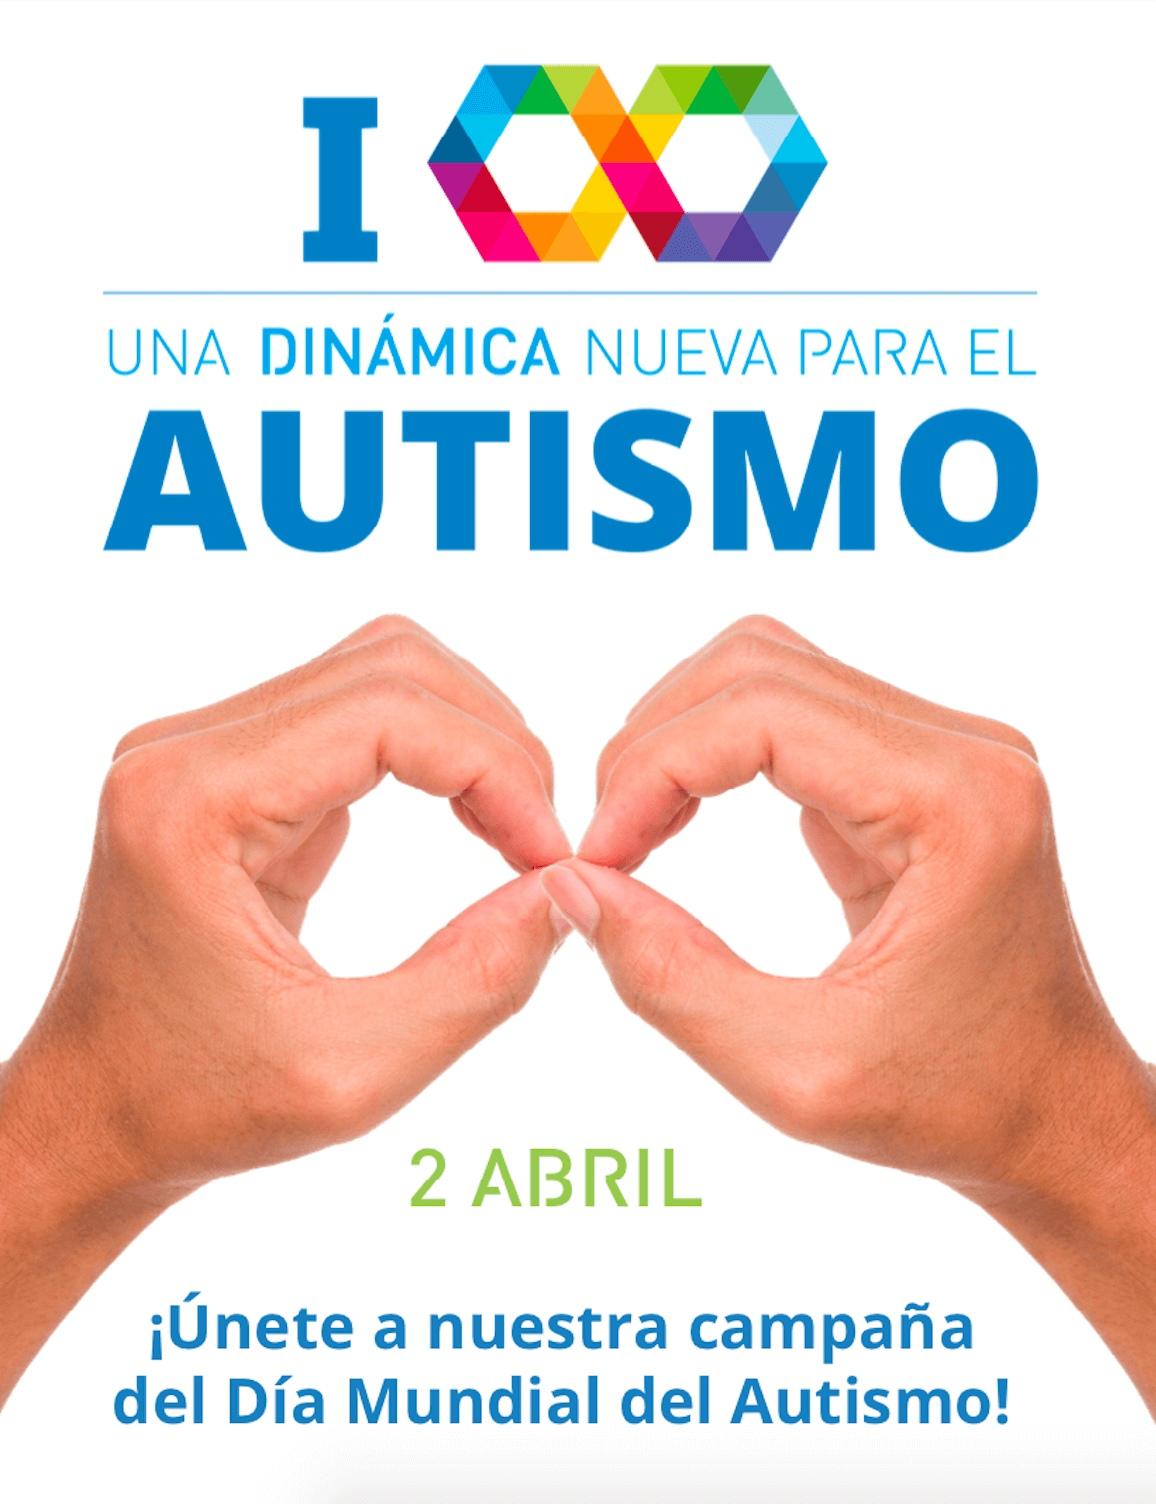 Los videojuegos se unen al Día Mundial de Concienciación sobre el Autismo